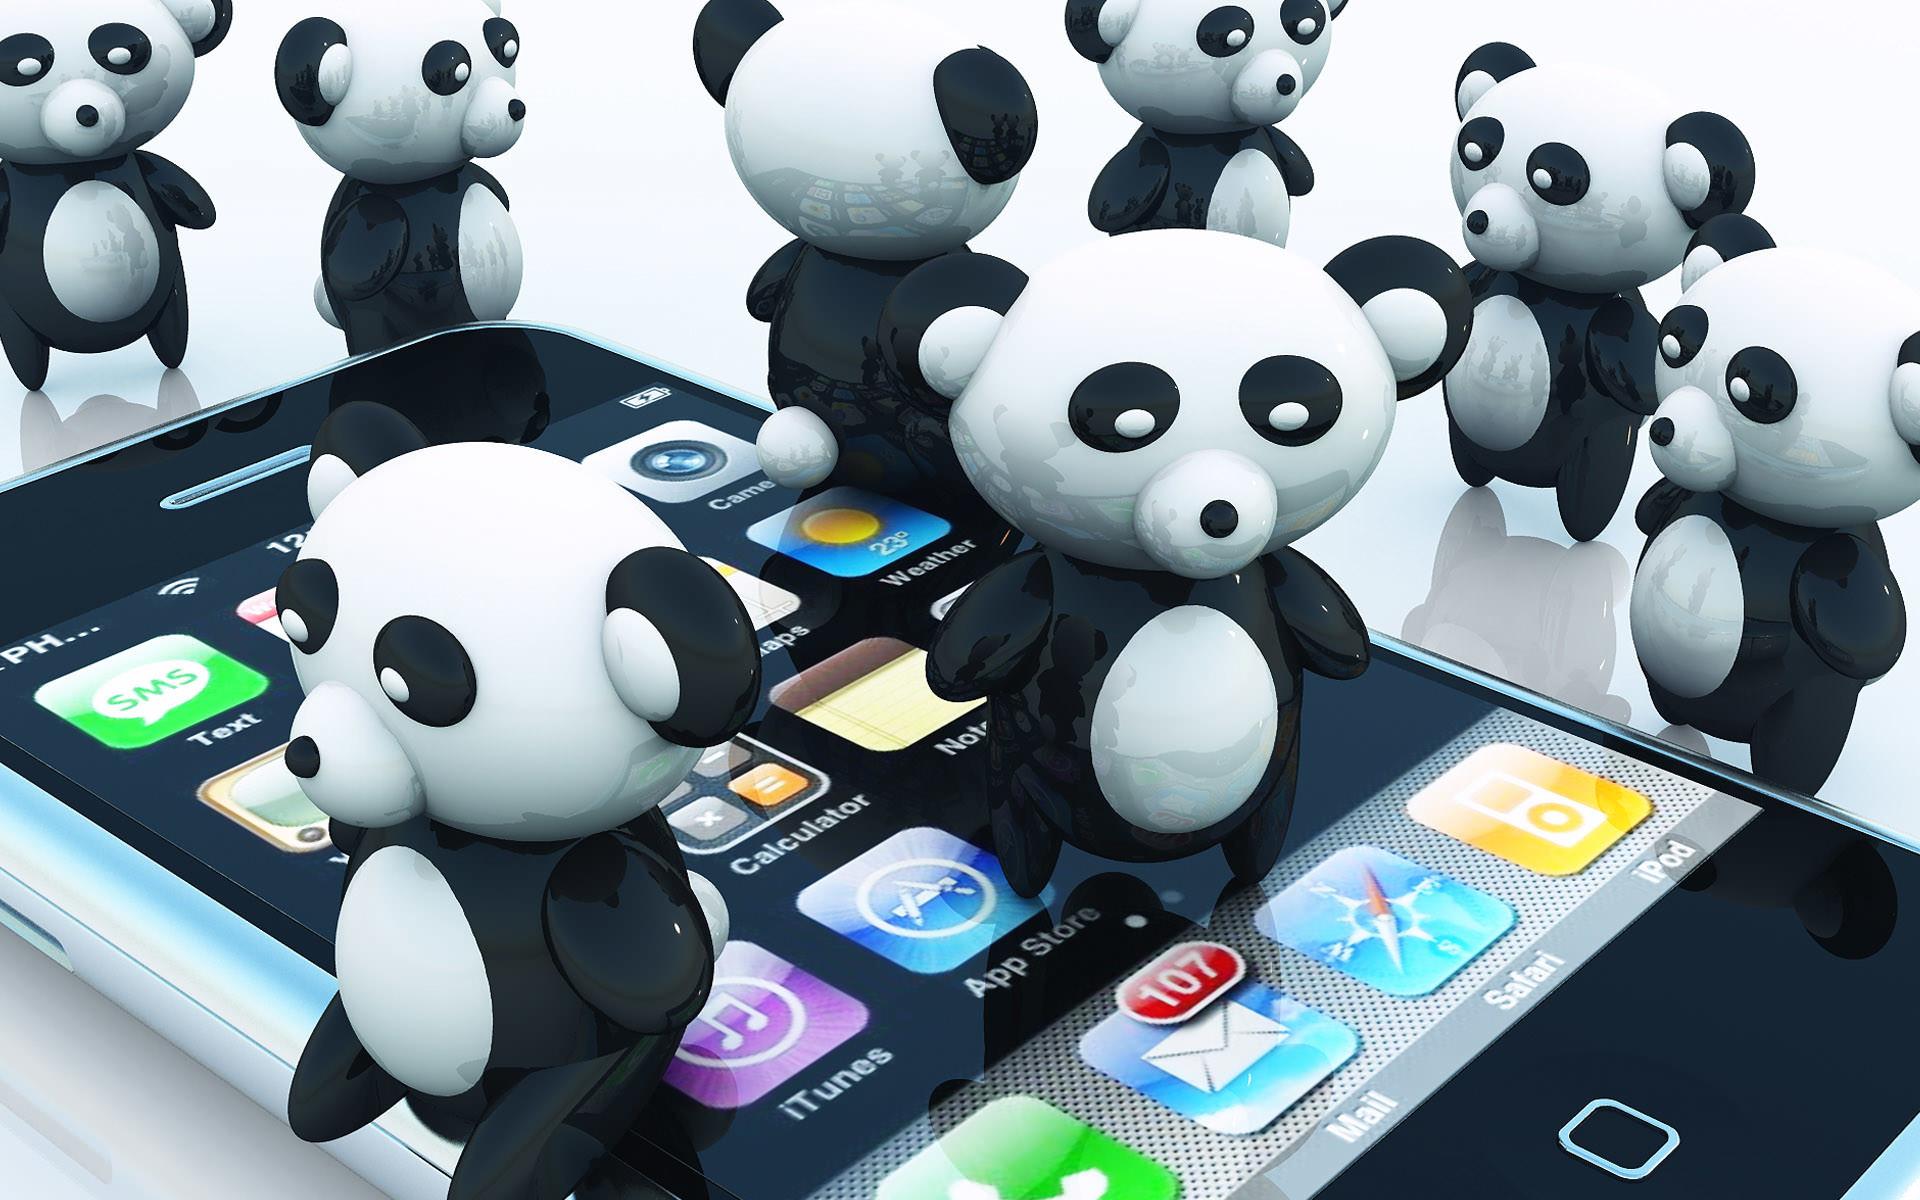 cartoon-panda-wallpaper-1920×1200-1110021.jpg